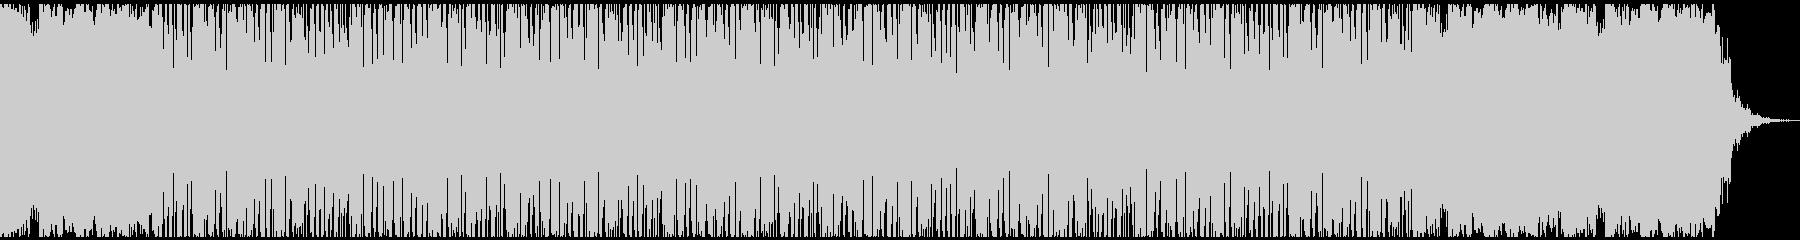 VlogやHiphop楽曲制作用のビートの未再生の波形